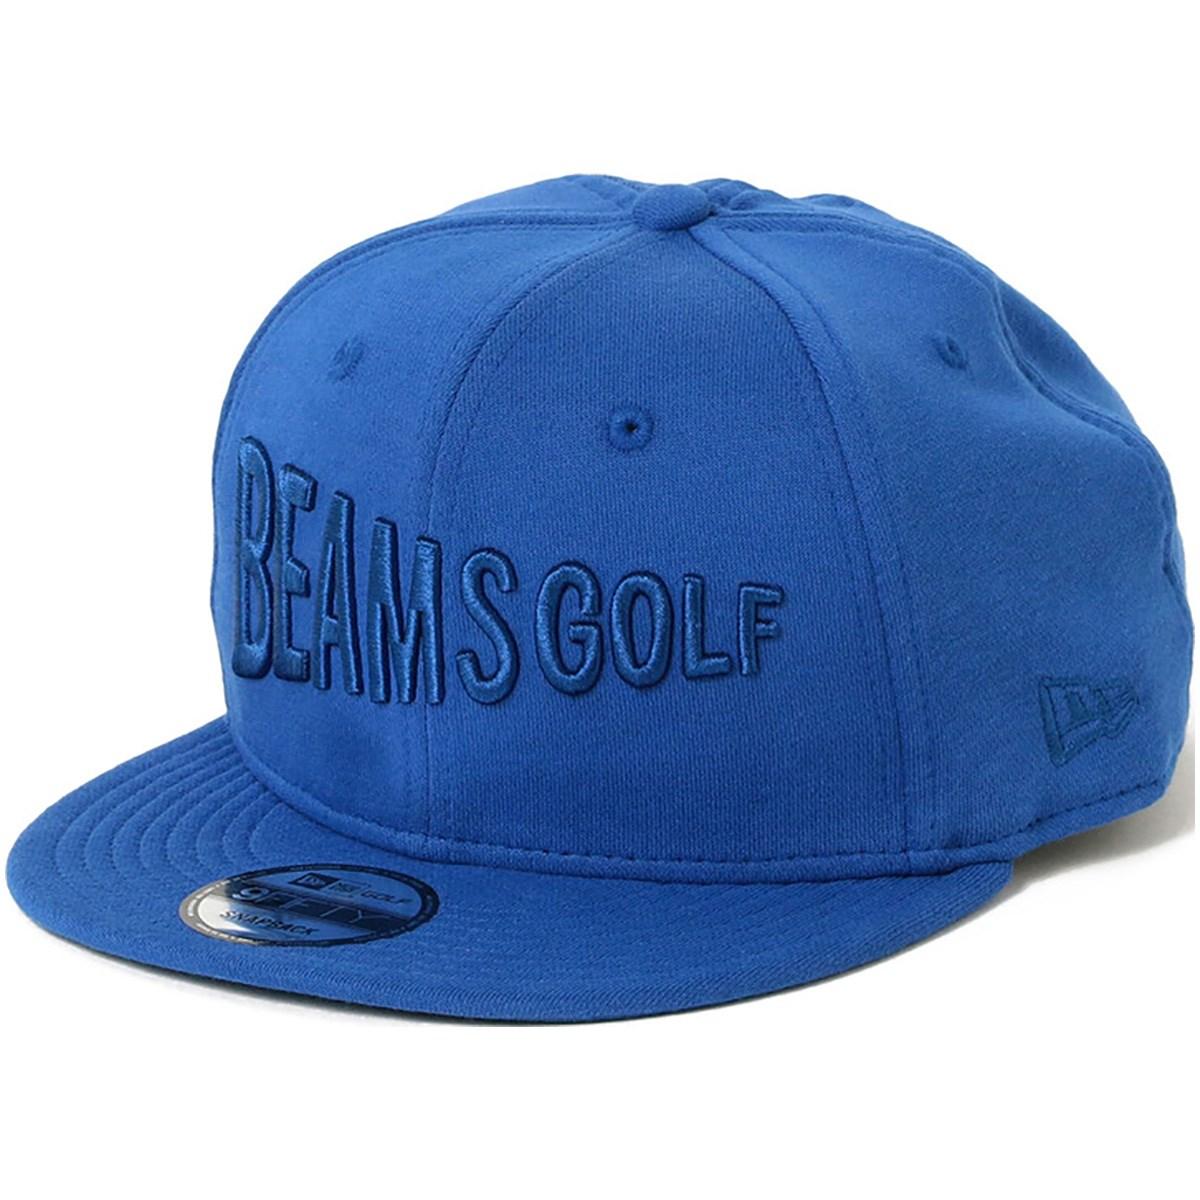 ビームスゴルフ NEWERA × BEAMS GOLF 別注 スウェット キャップ